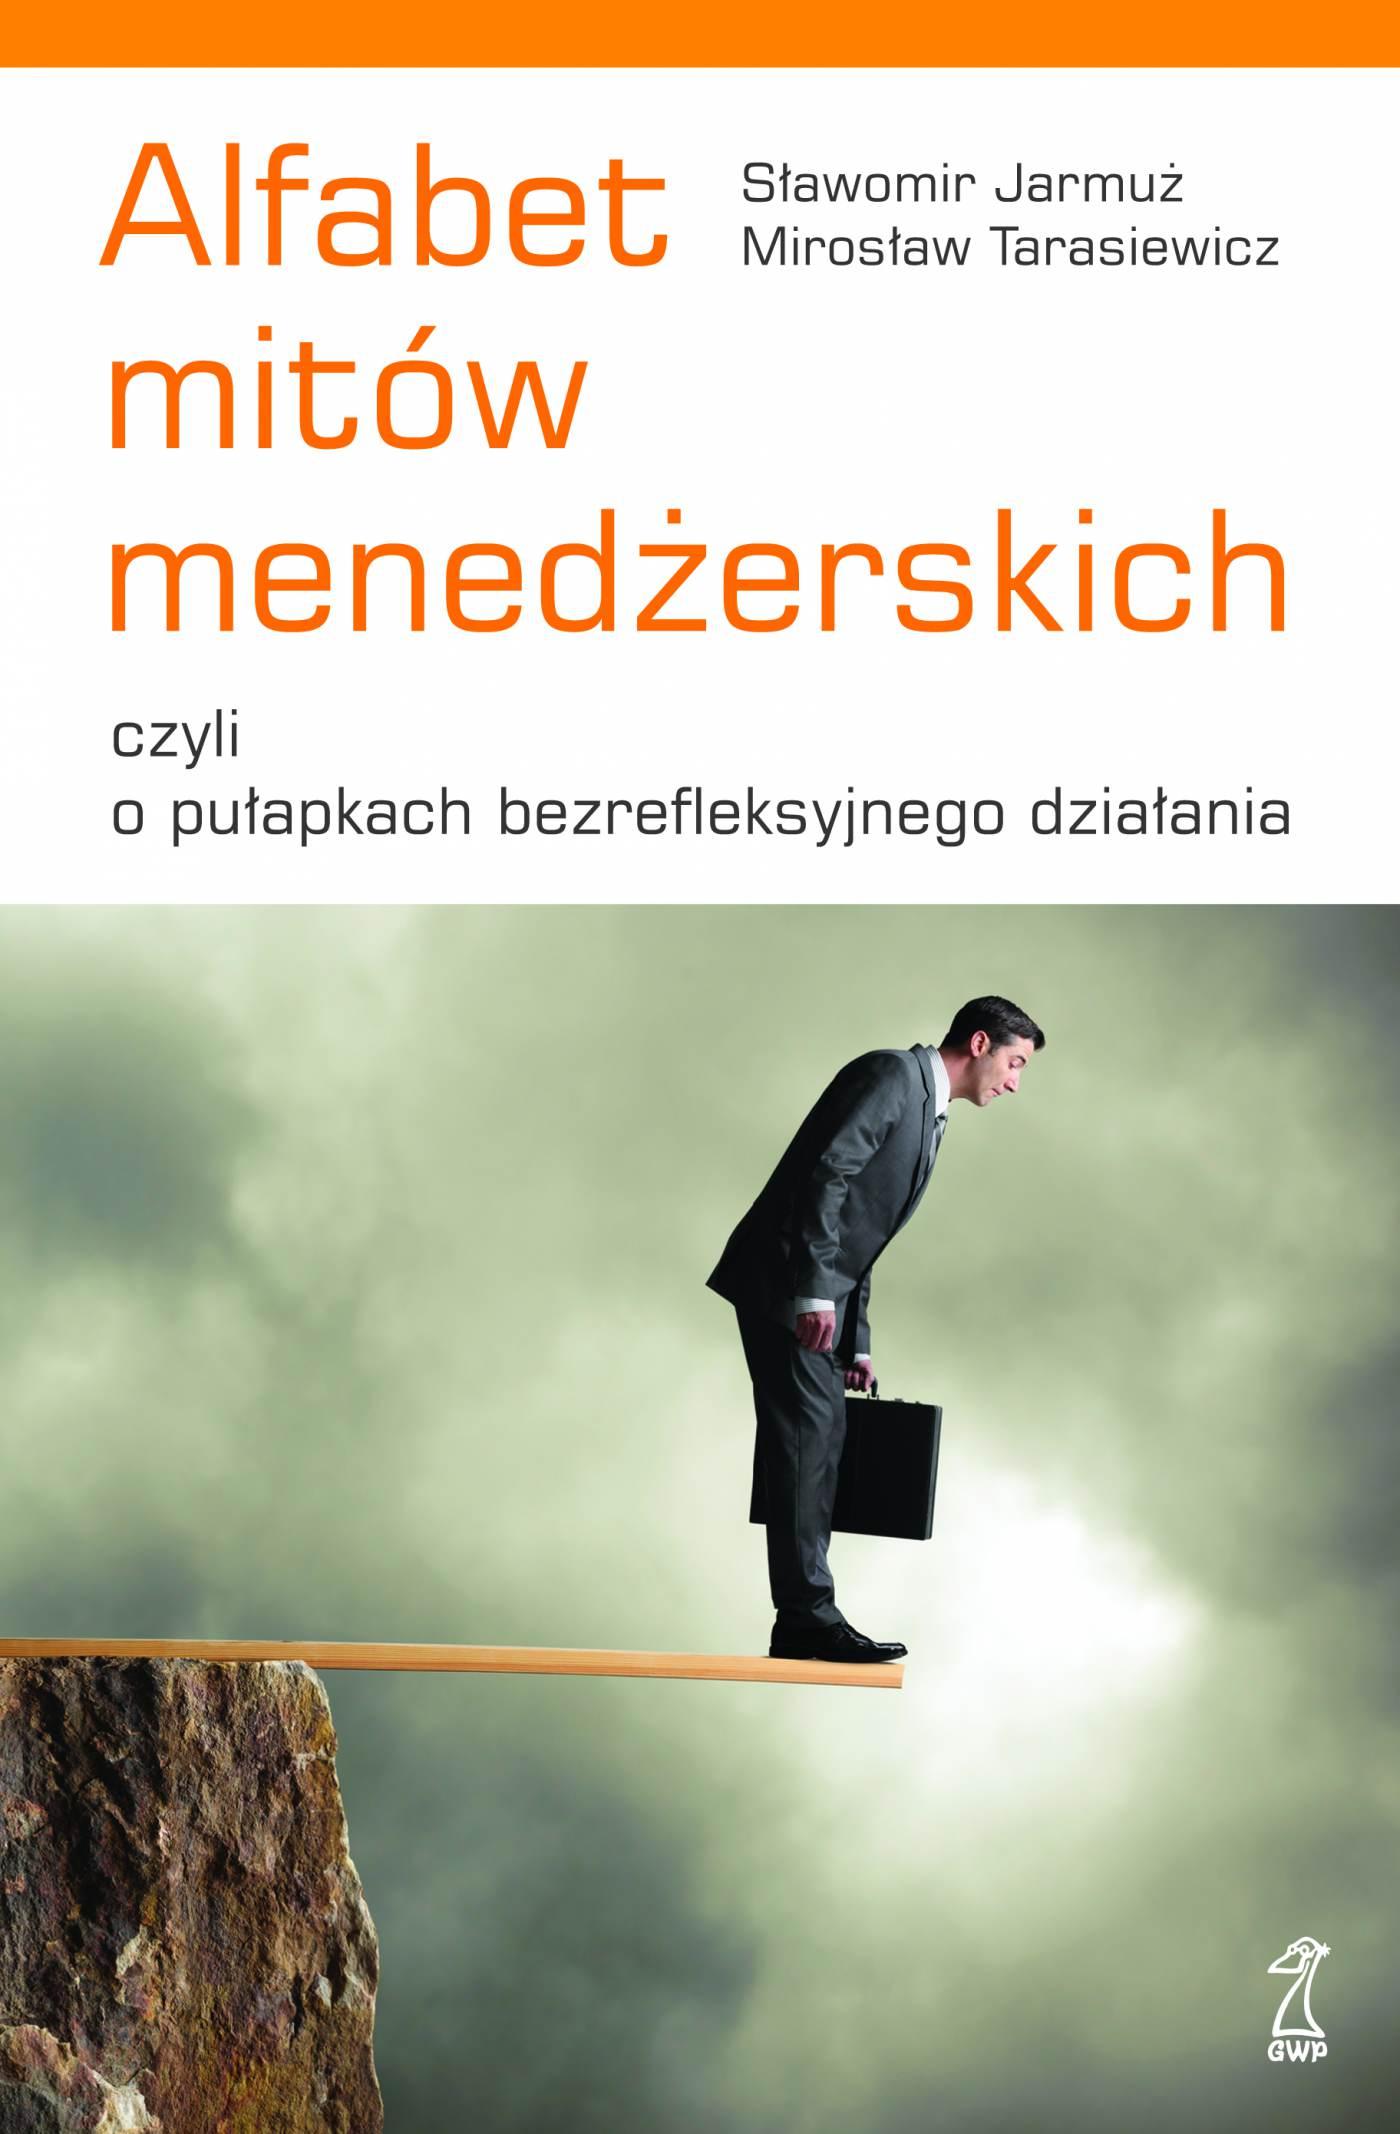 Alfabet mitów menedżerskich, czyli o pułapkach bezrefleksyjnego działania - Ebook (Książka na Kindle) do pobrania w formacie MOBI